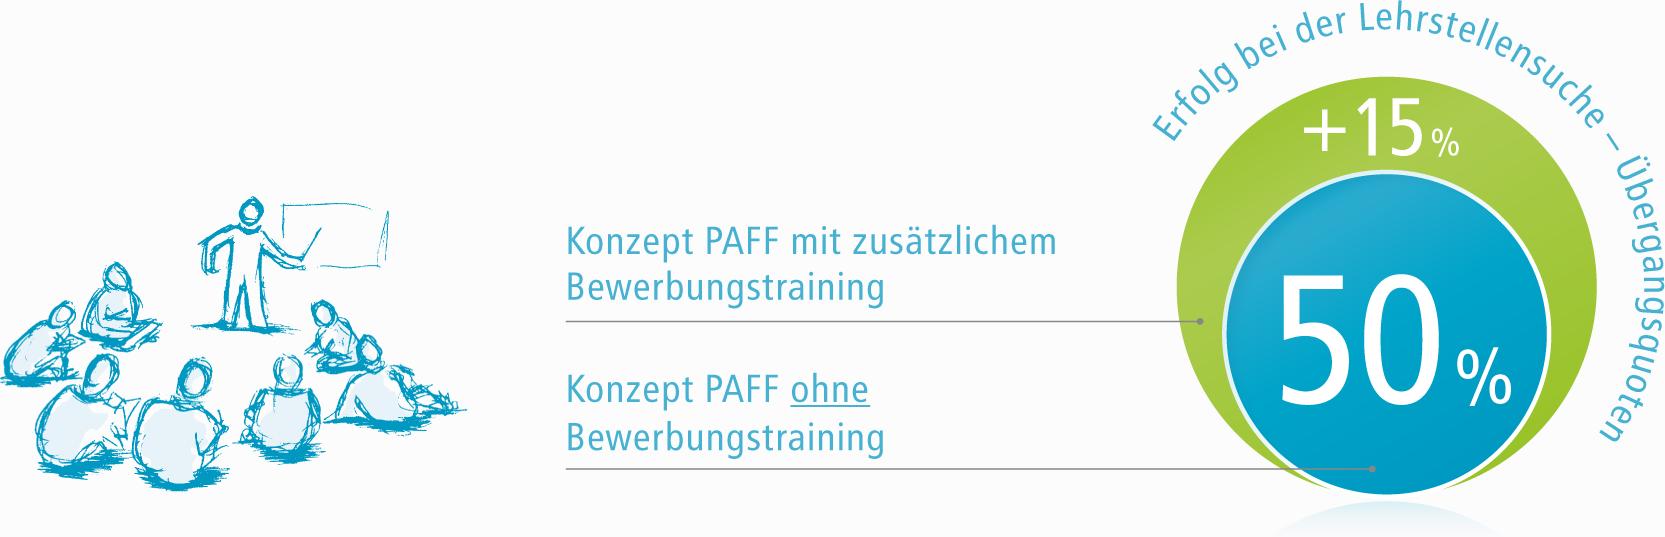 Grafik zum Vergleich der Erfolgsquoten des Beispielprojekts PAFF nach Abhängigkeit des angewandten Konzepts